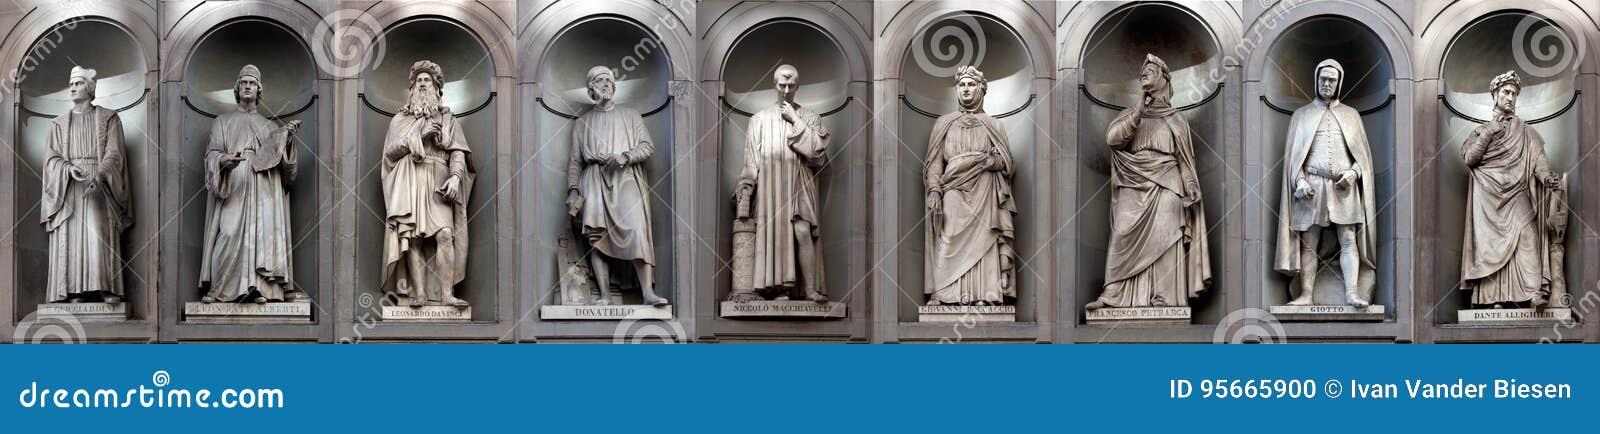 Escritores famosos de los artistas del renacimiento de la galería de las estatuas, Uffizi, Florencia, Italia